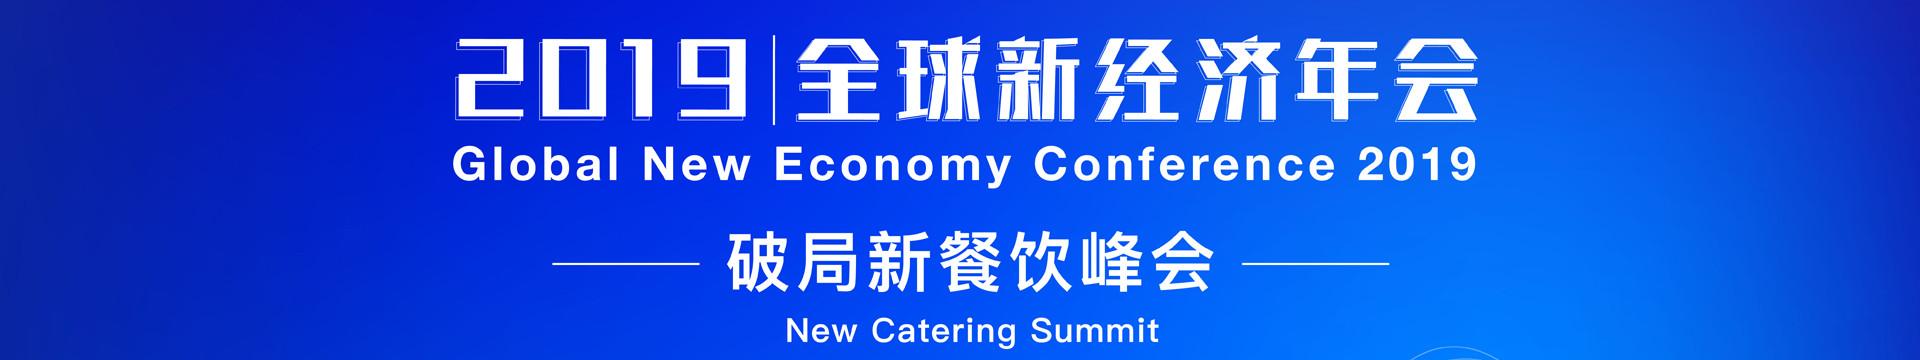 2019全球新经济年会-破局新餐饮峰会(上海)